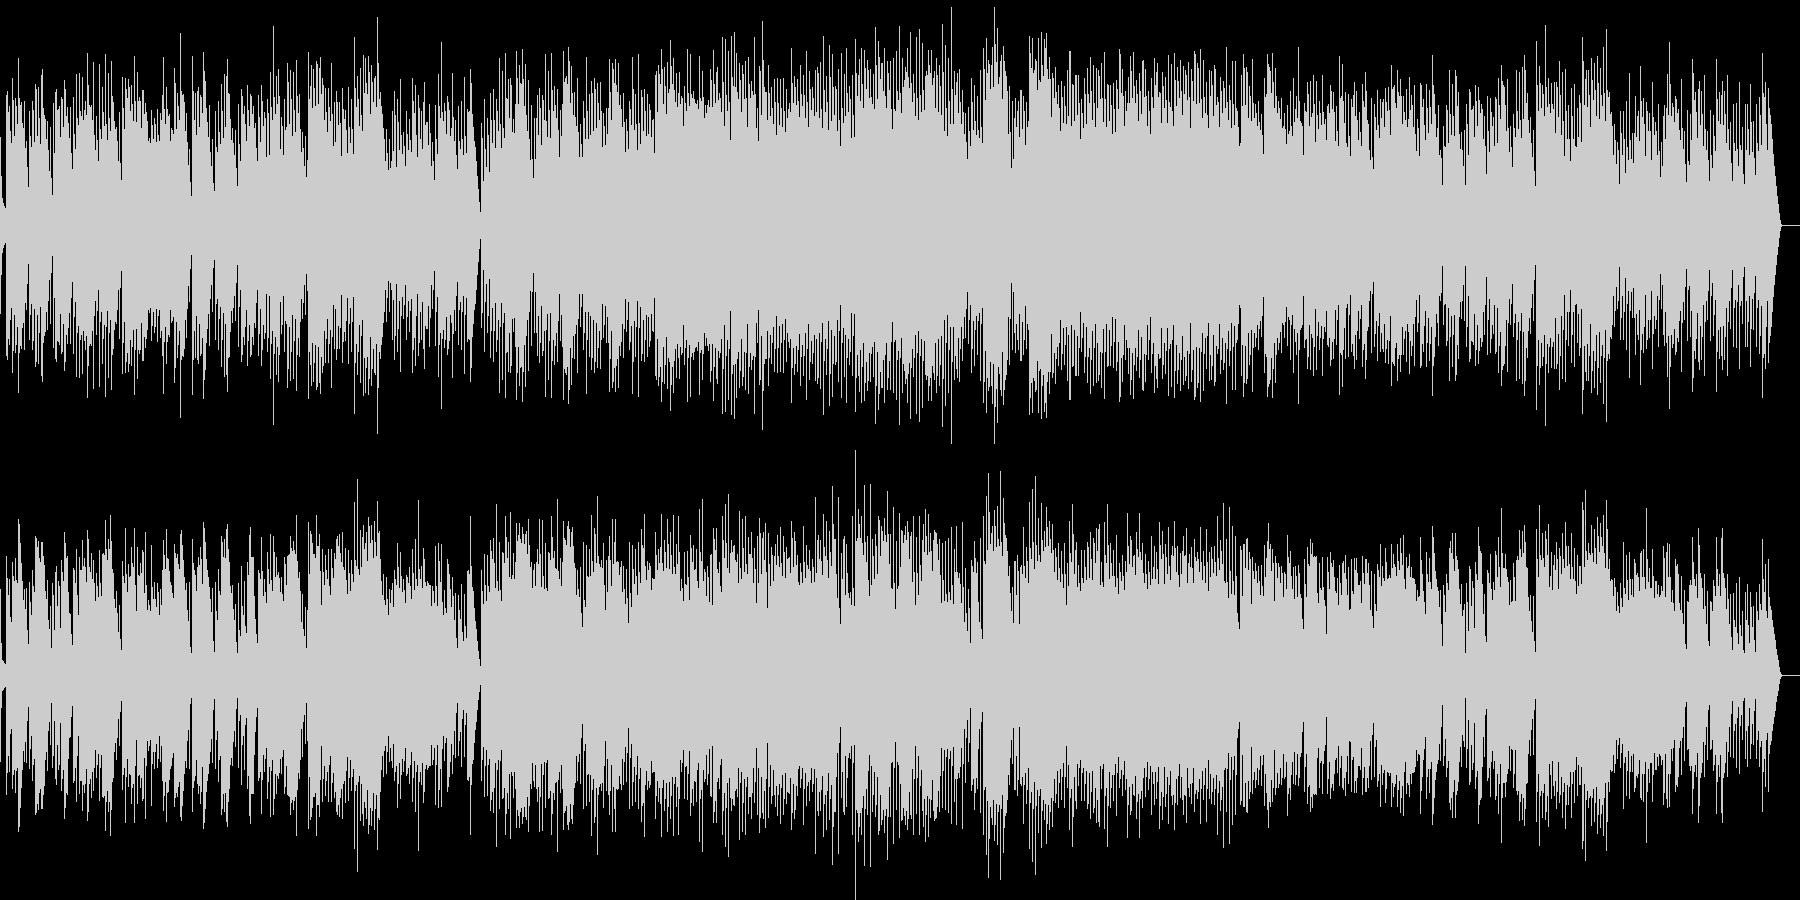 ショパン 別れの曲 フル尺 オルゴールの未再生の波形